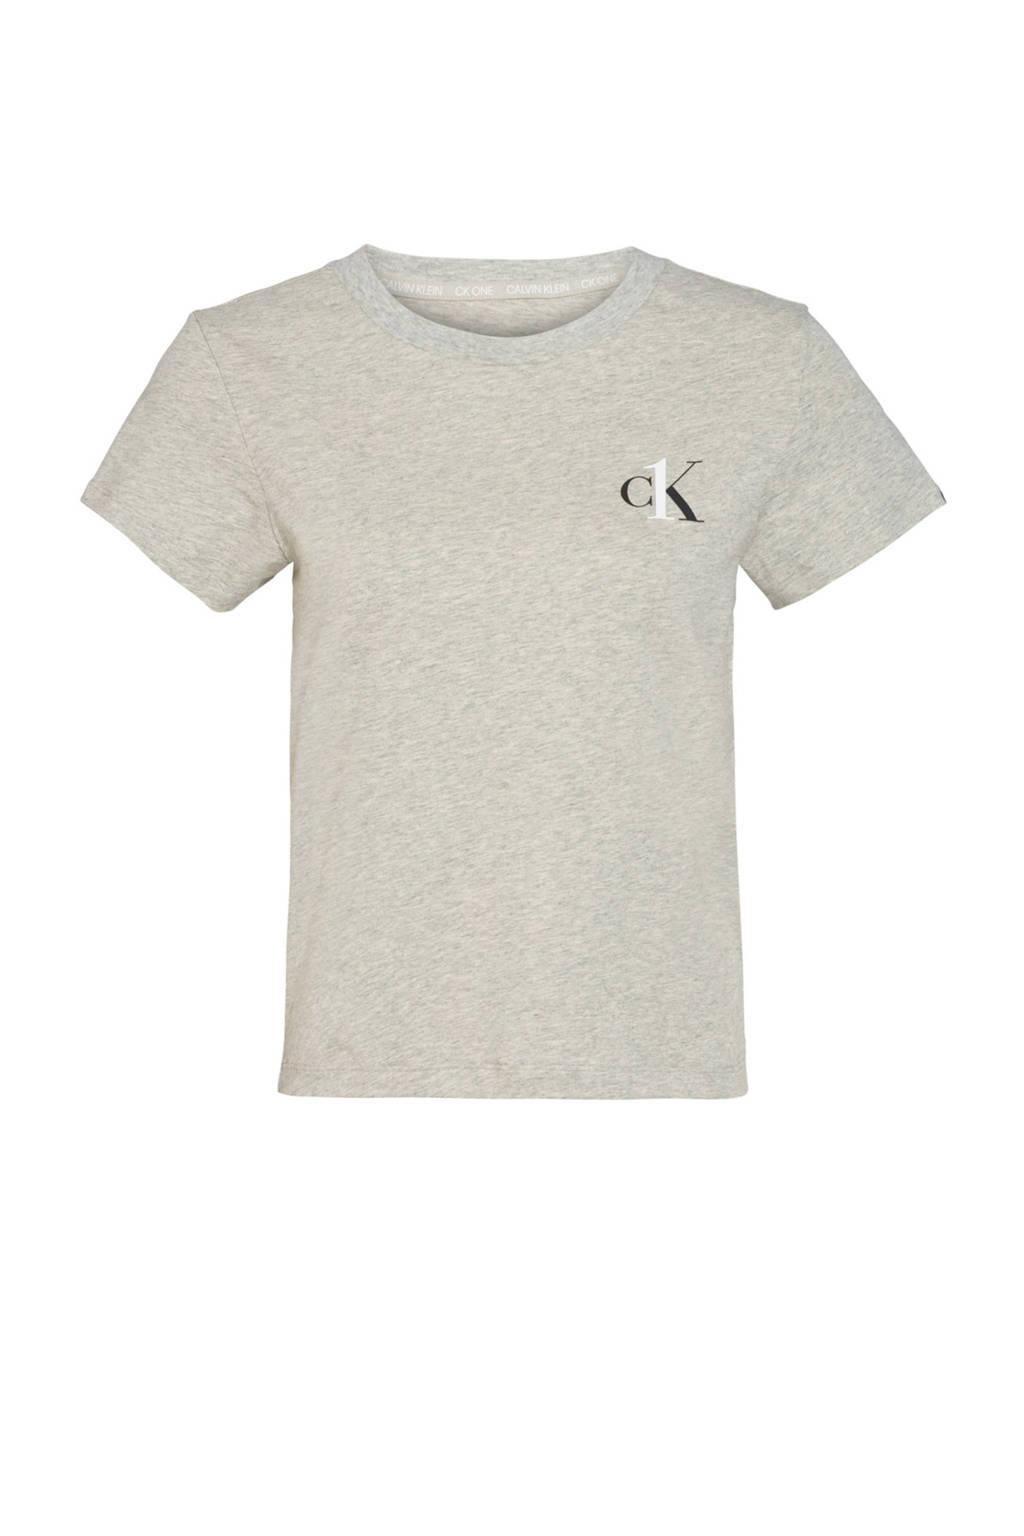 CALVIN KLEIN UNDERWEAR T-shirt grijs, Grijs